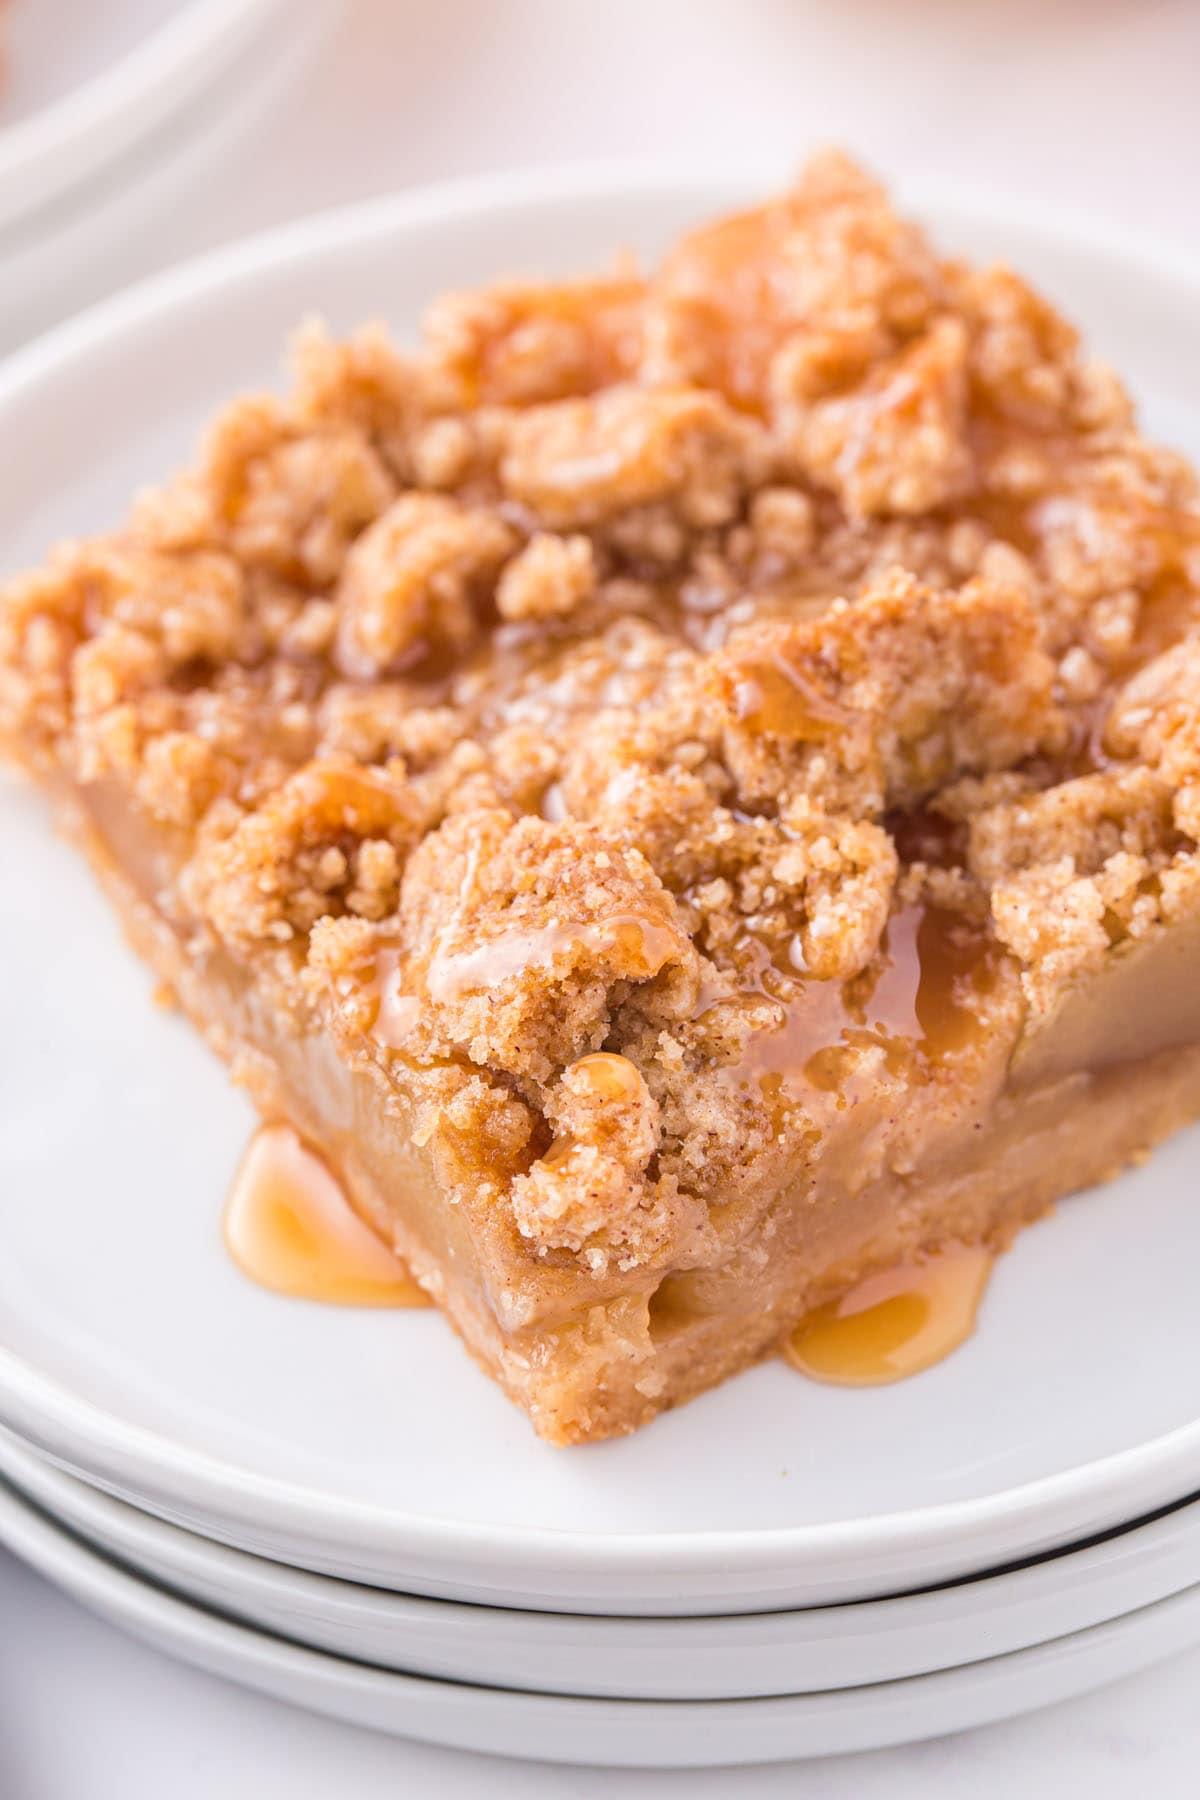 caramel apple bars on a plate